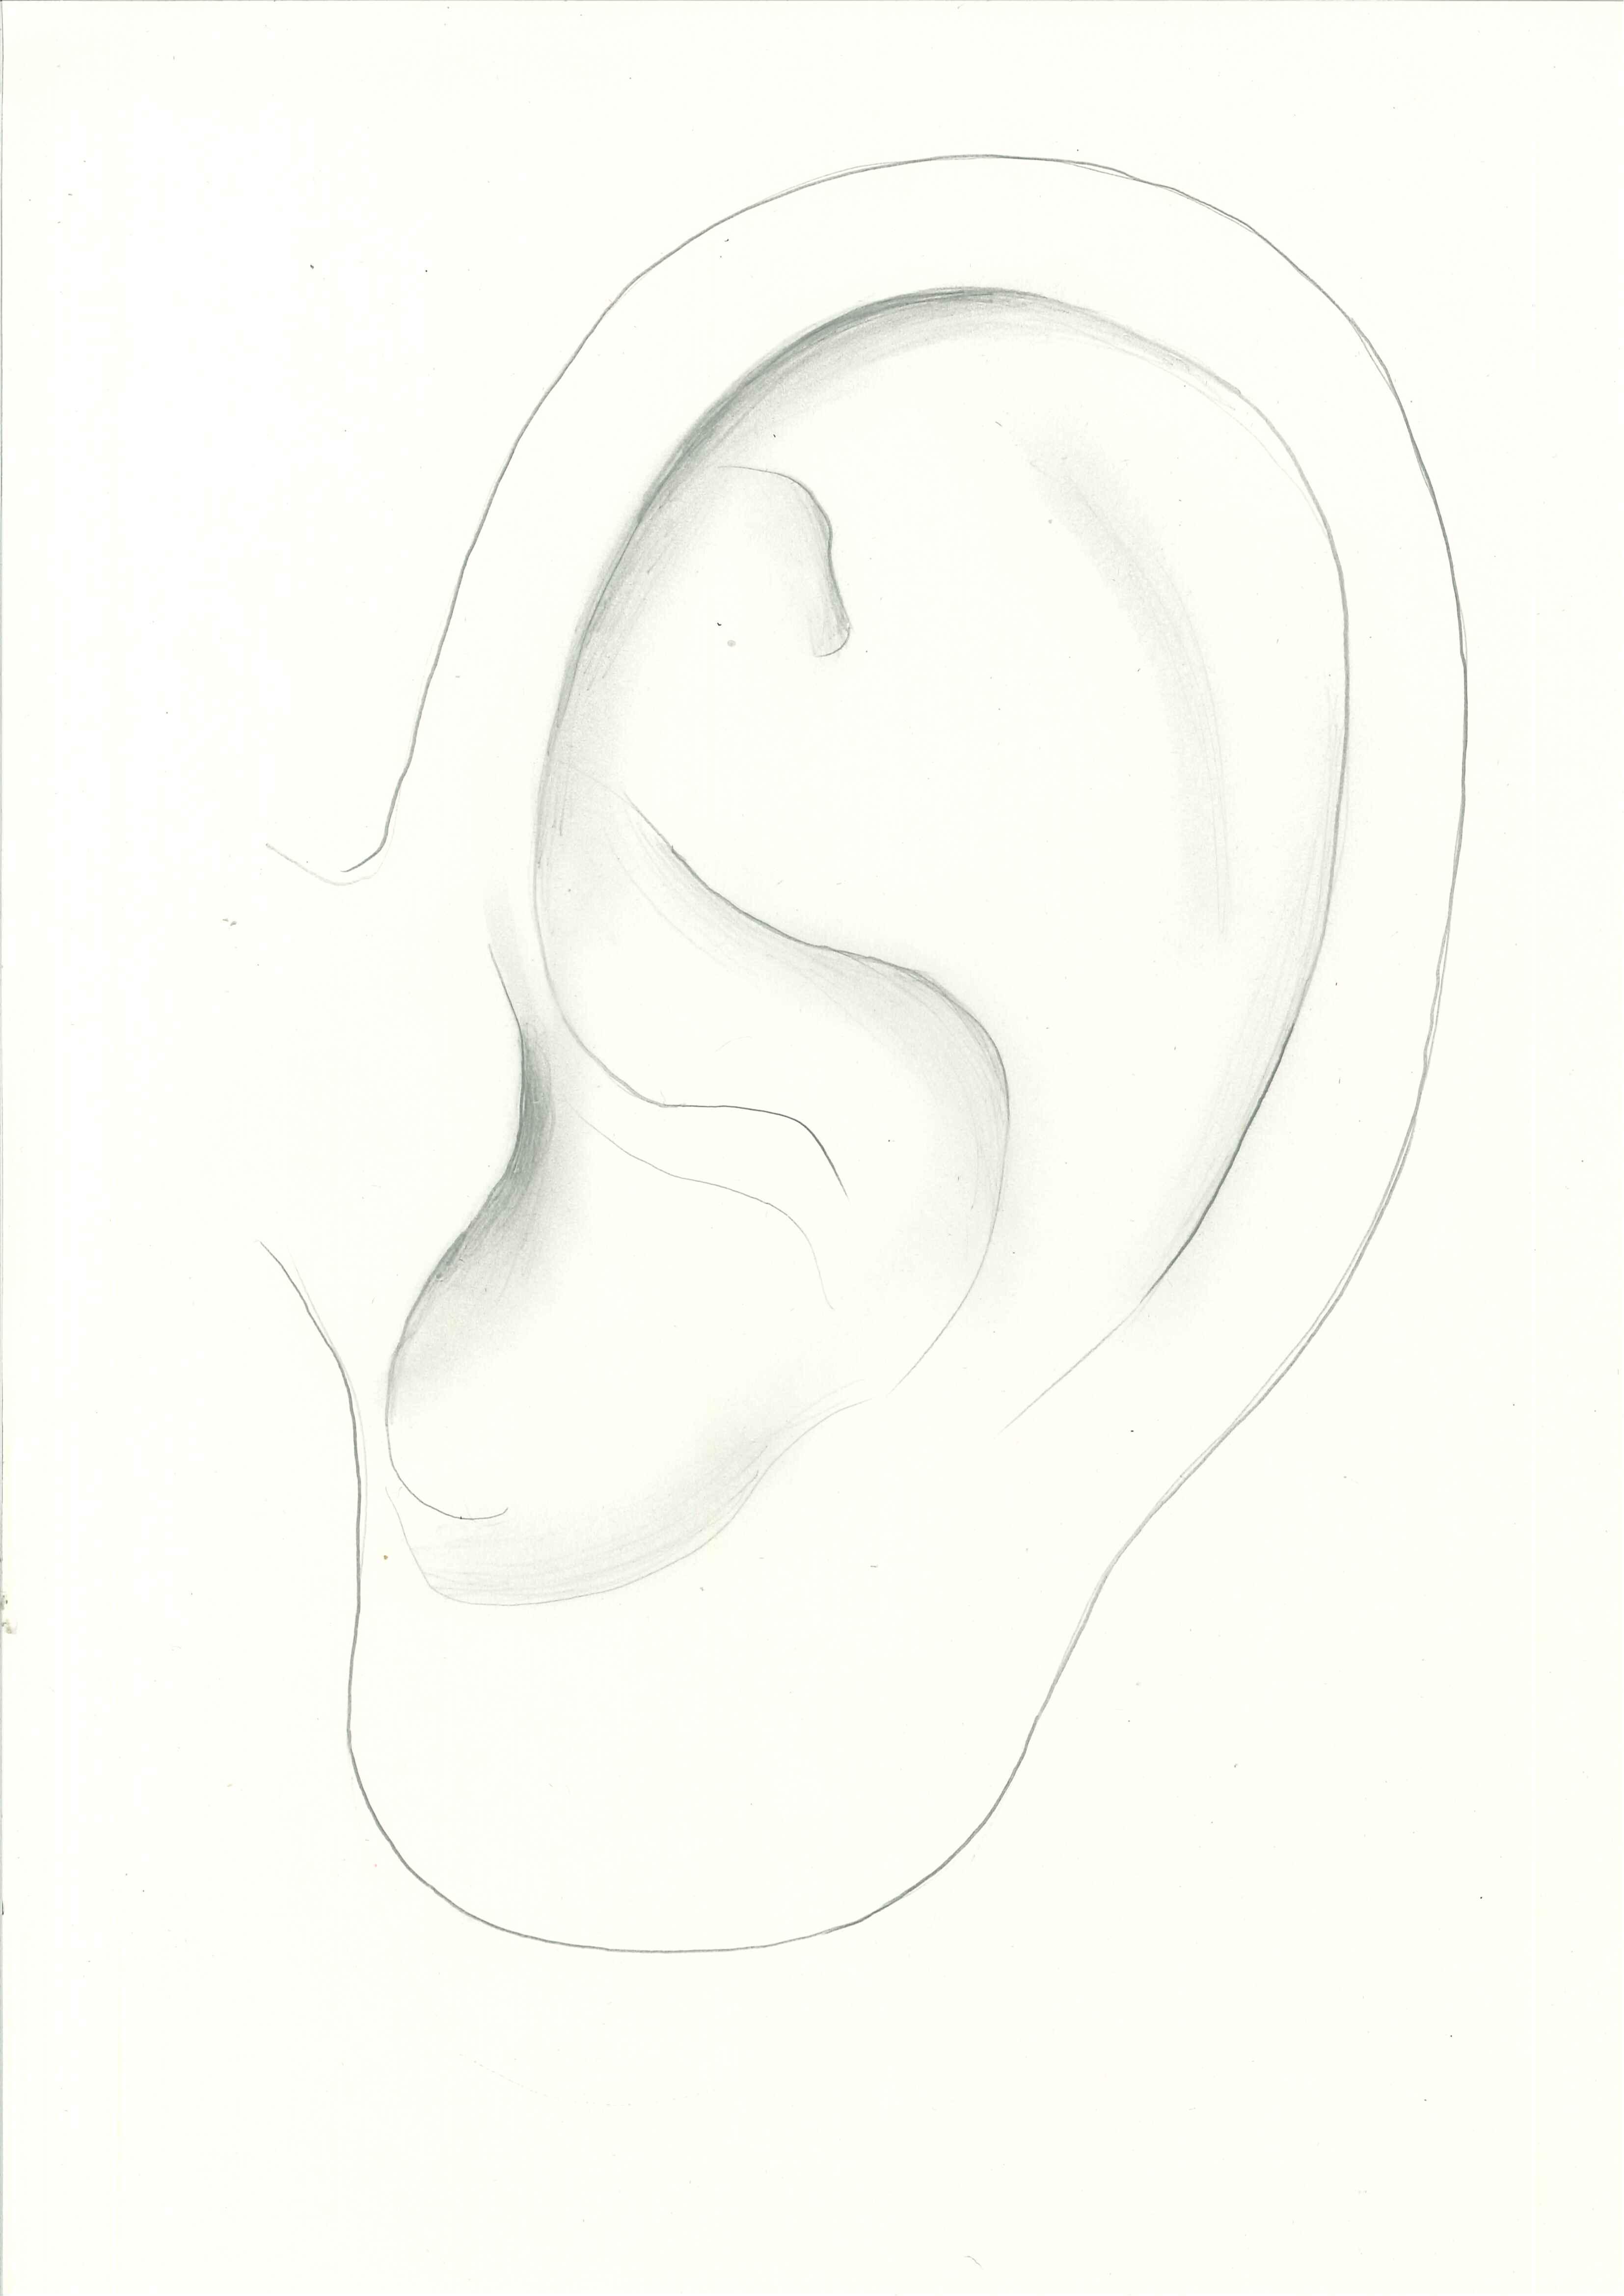 ear outline ajet